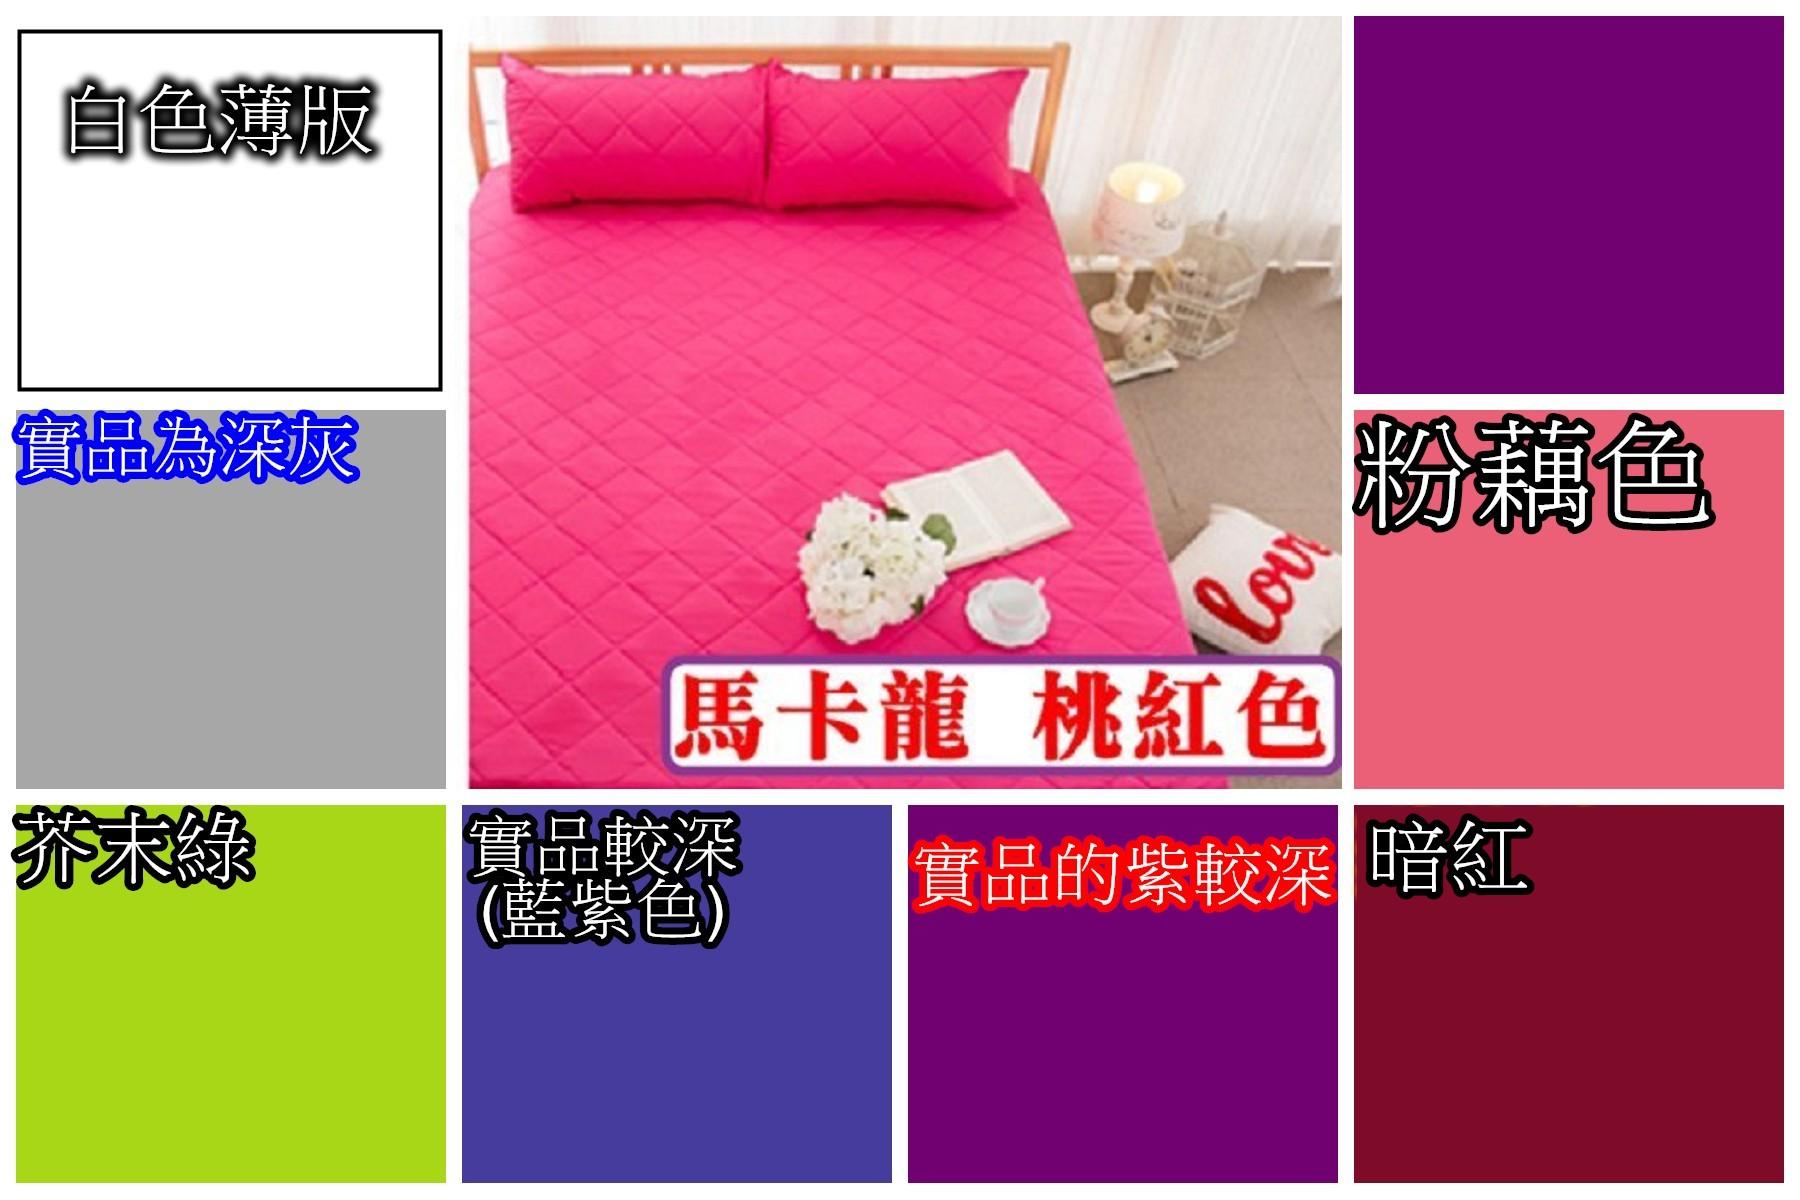 【床工坊】兩用摩毛保潔墊/ 床包 5尺雙人防潑水保潔墊/床包 (另有雙人加大6尺)此區不挑色隨機出貨